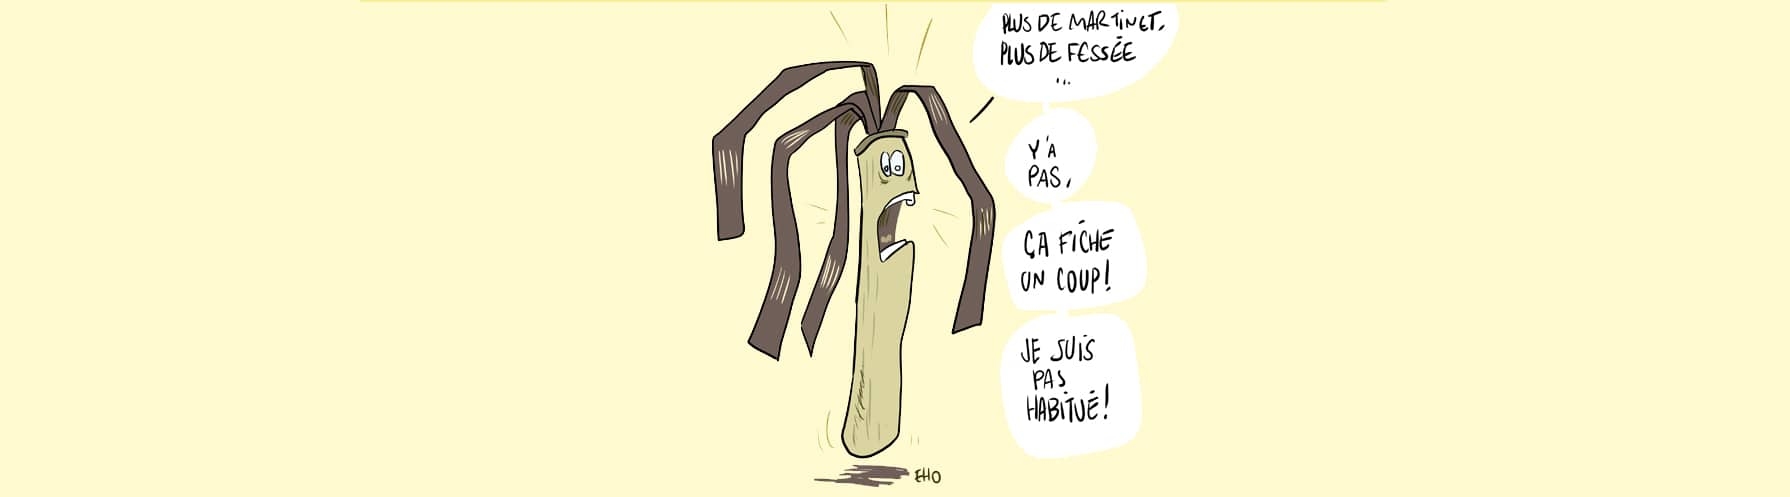 La fessée et les gifles officiellement interdites en France